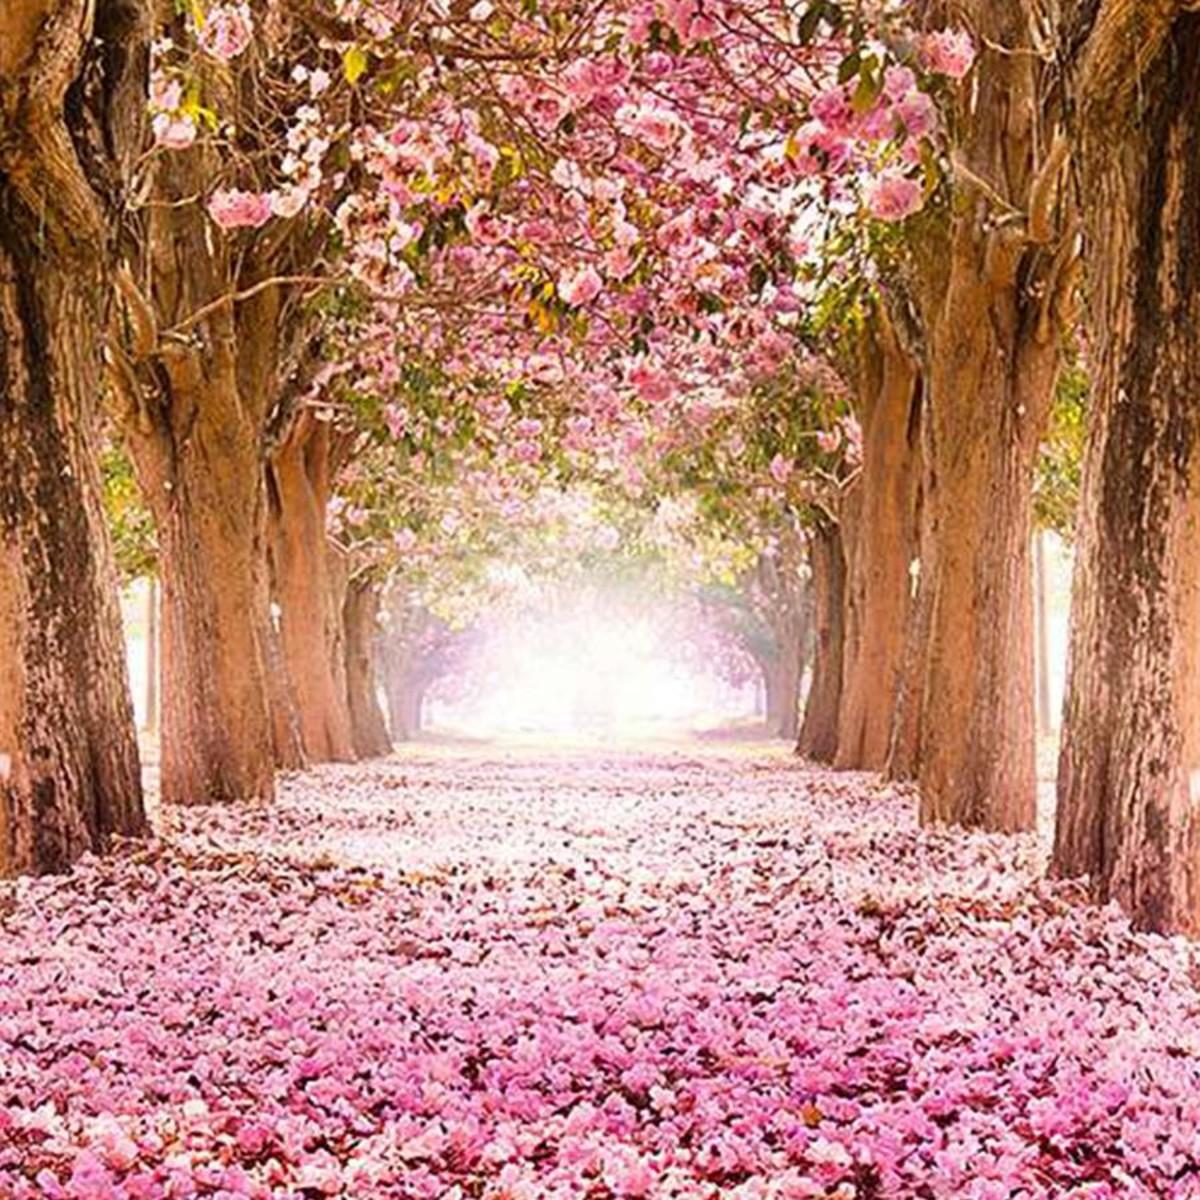 Фотообои Divino Decor Цветущие деревья C-249 200х270 см